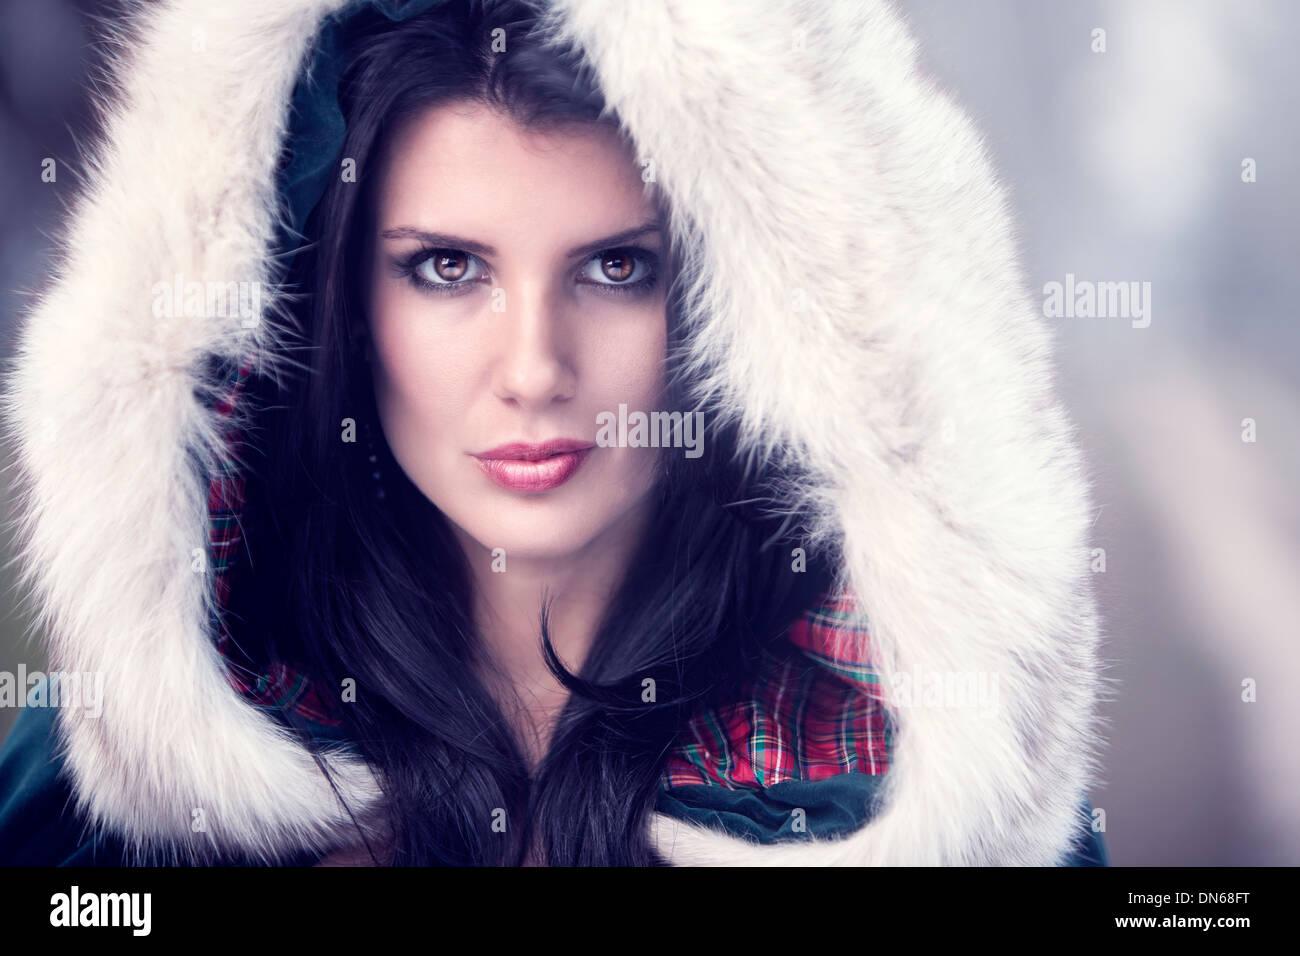 Bellezza ritratto di donna che indossa una pelliccia cappa coperto in una fredda giornata invernale. Immagini Stock